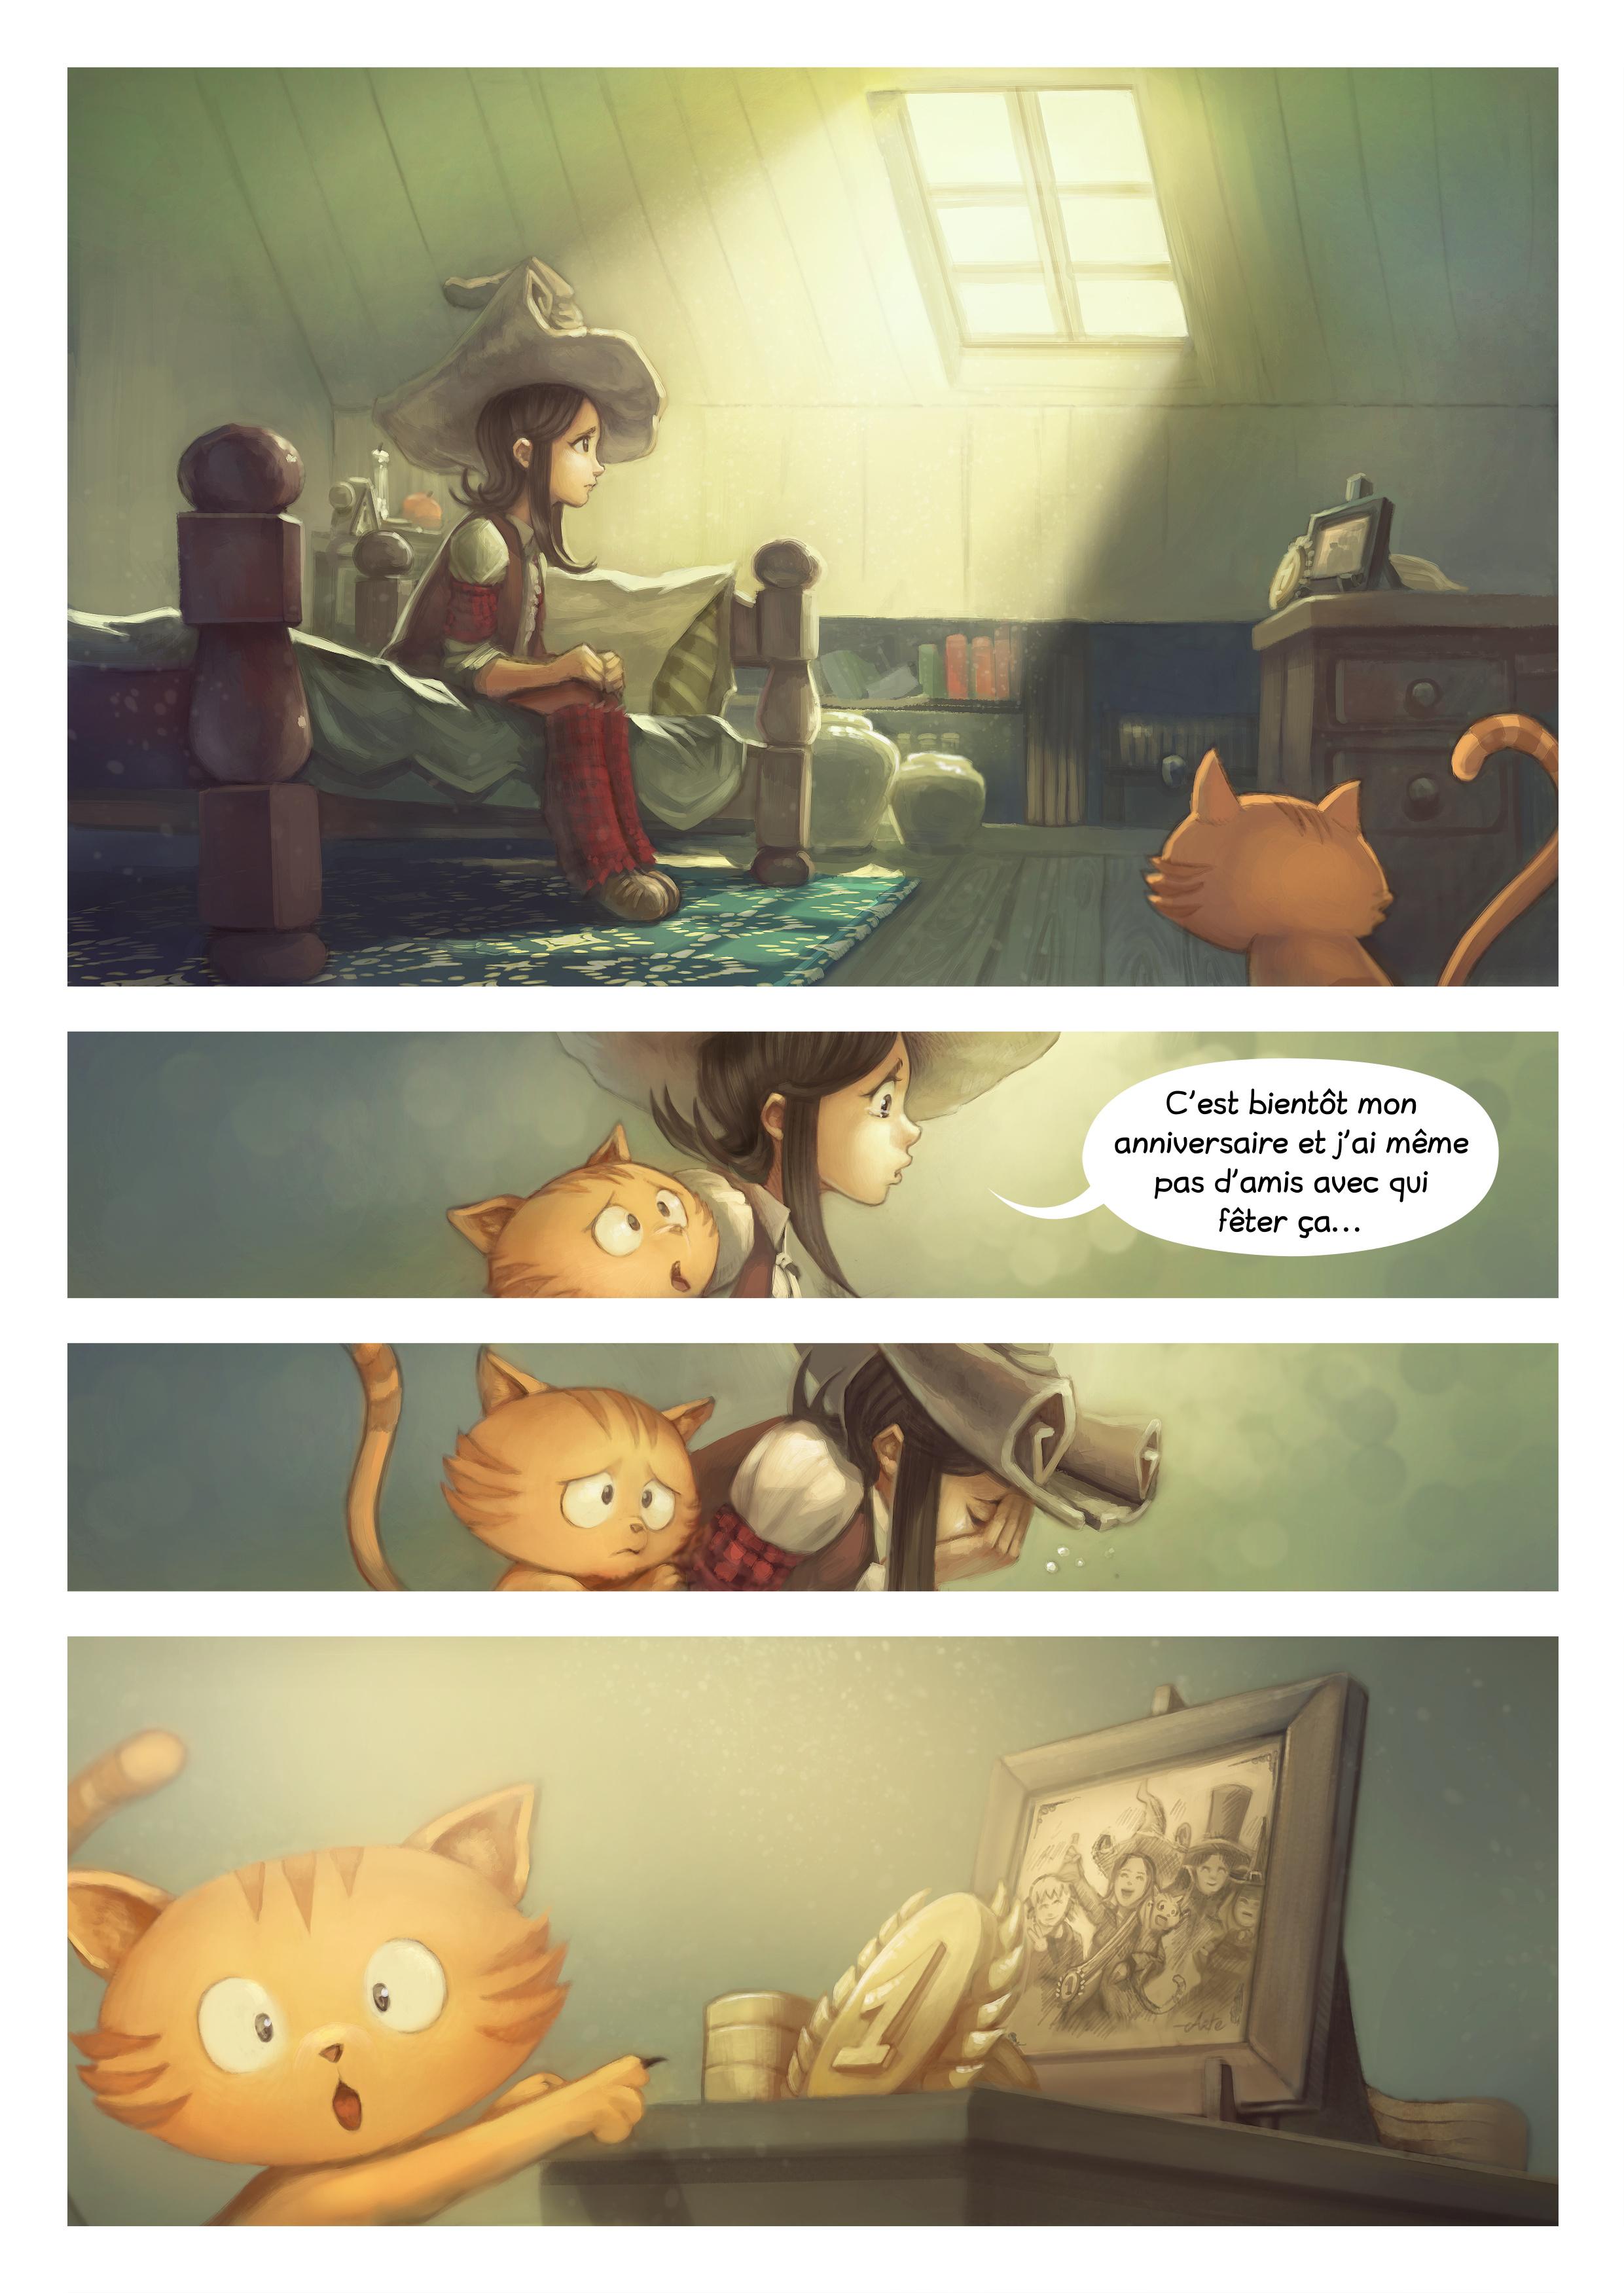 Épisode 8 : L'anniversaire de Pepper, Page 1